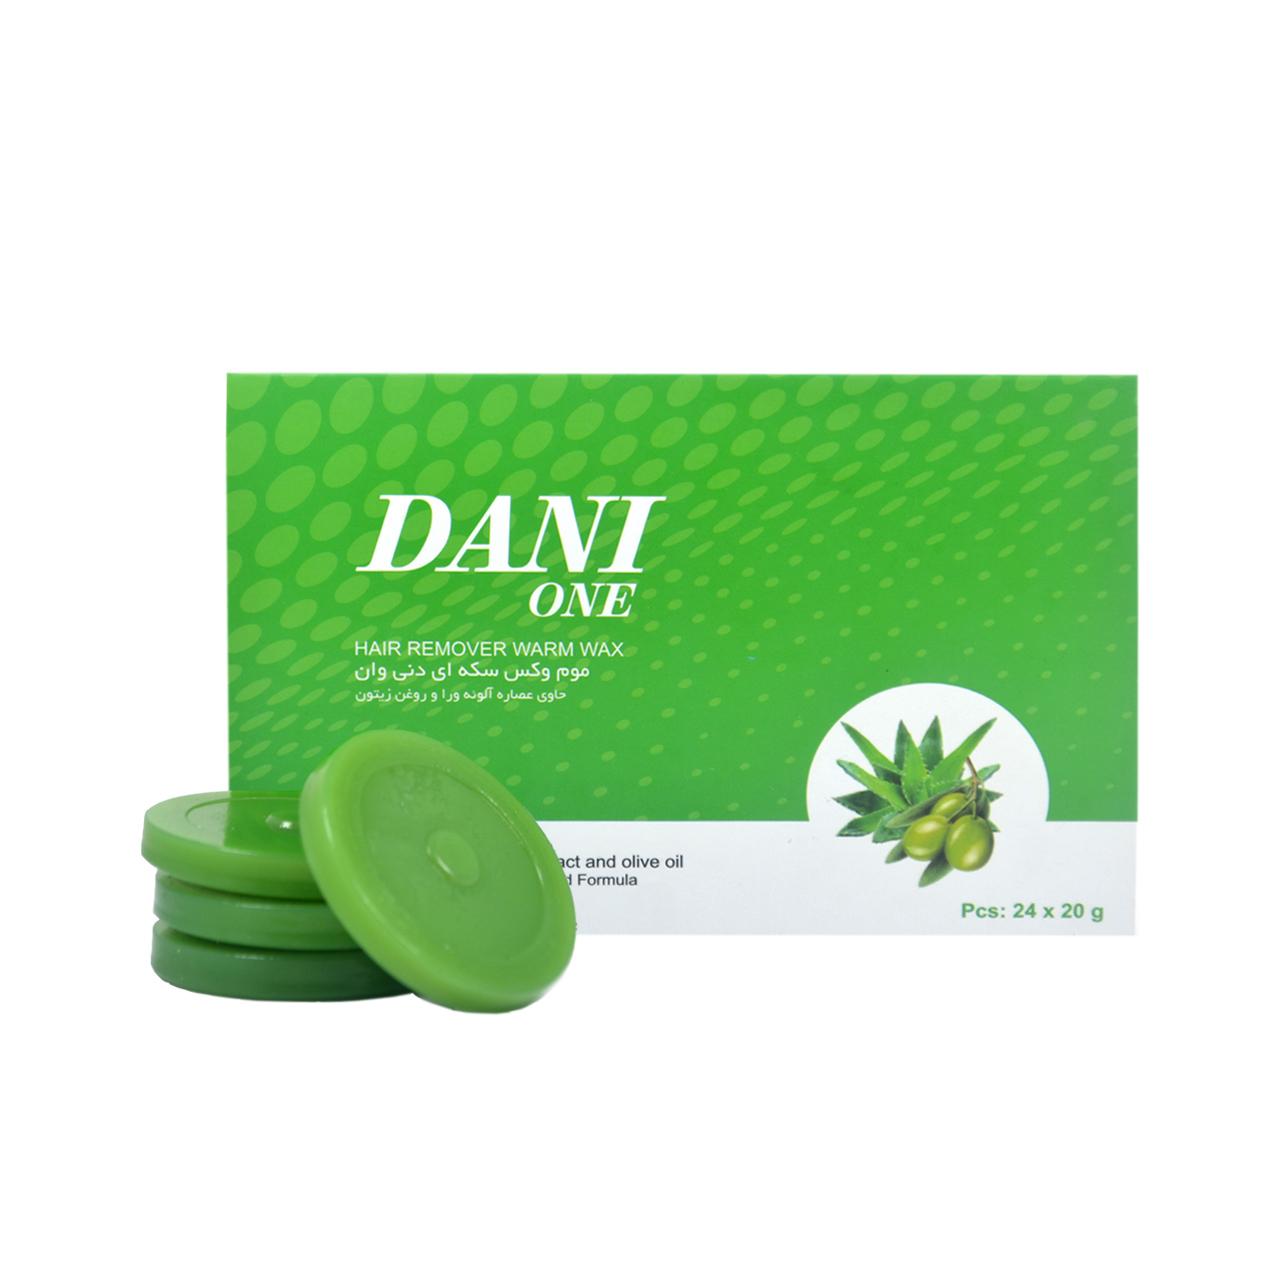 موم دنی وان مدل Olive2 وزن 20 گرم بسته 24 عددی